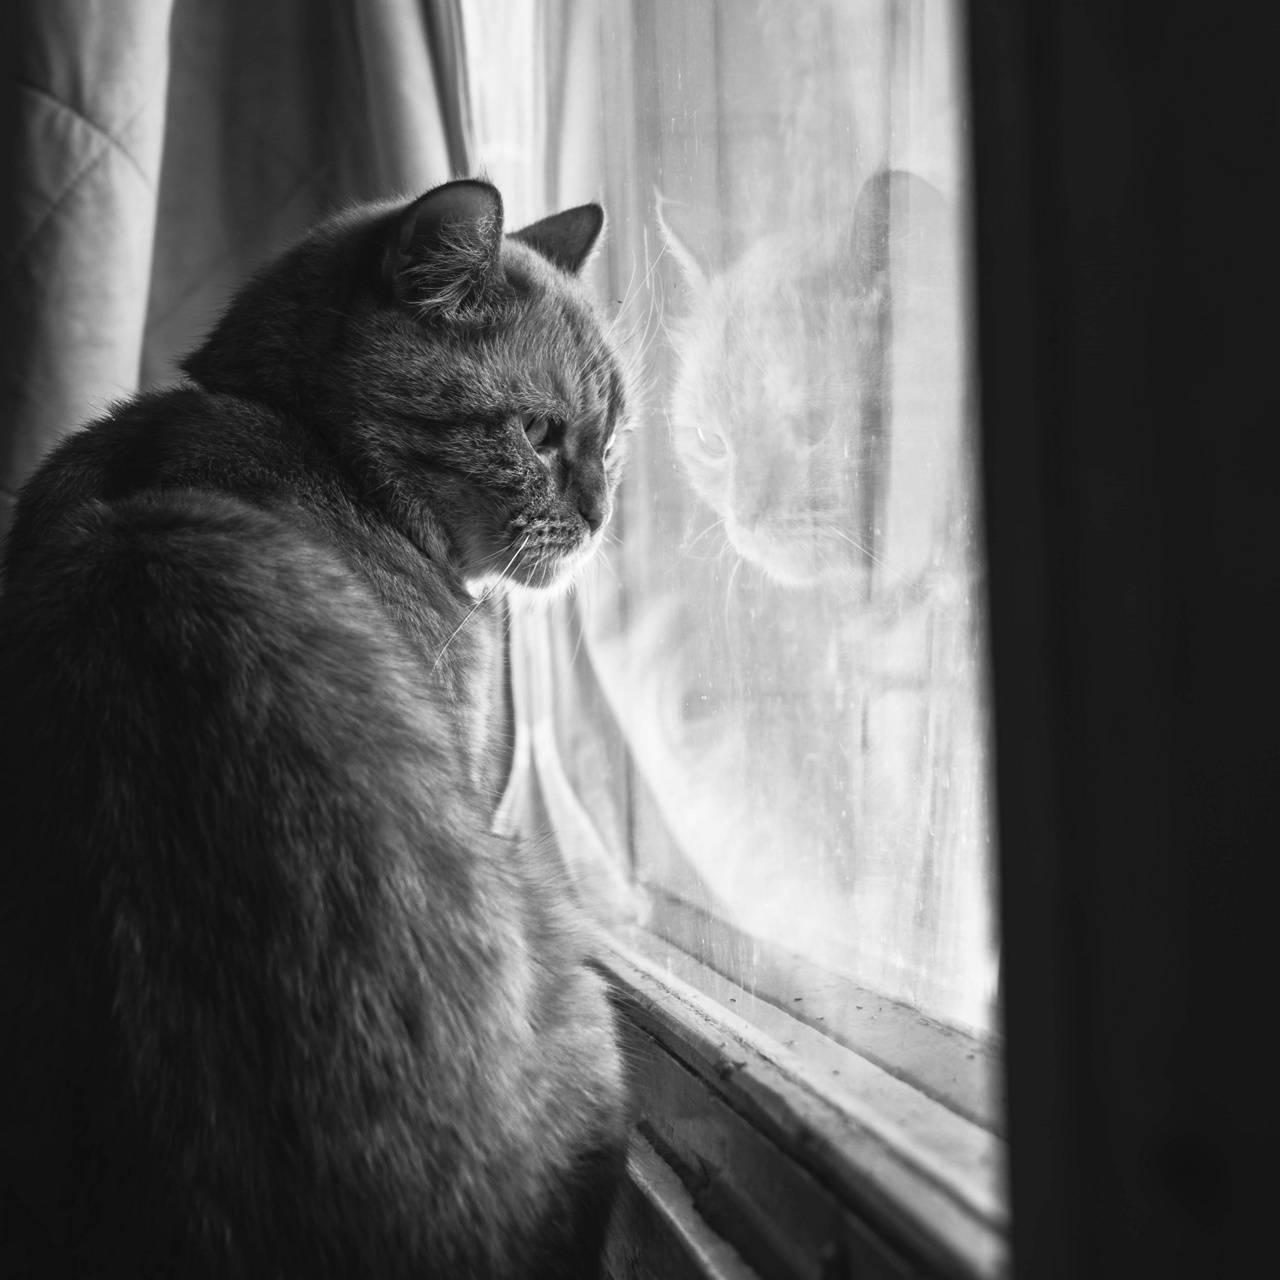 Moody Themed Cat